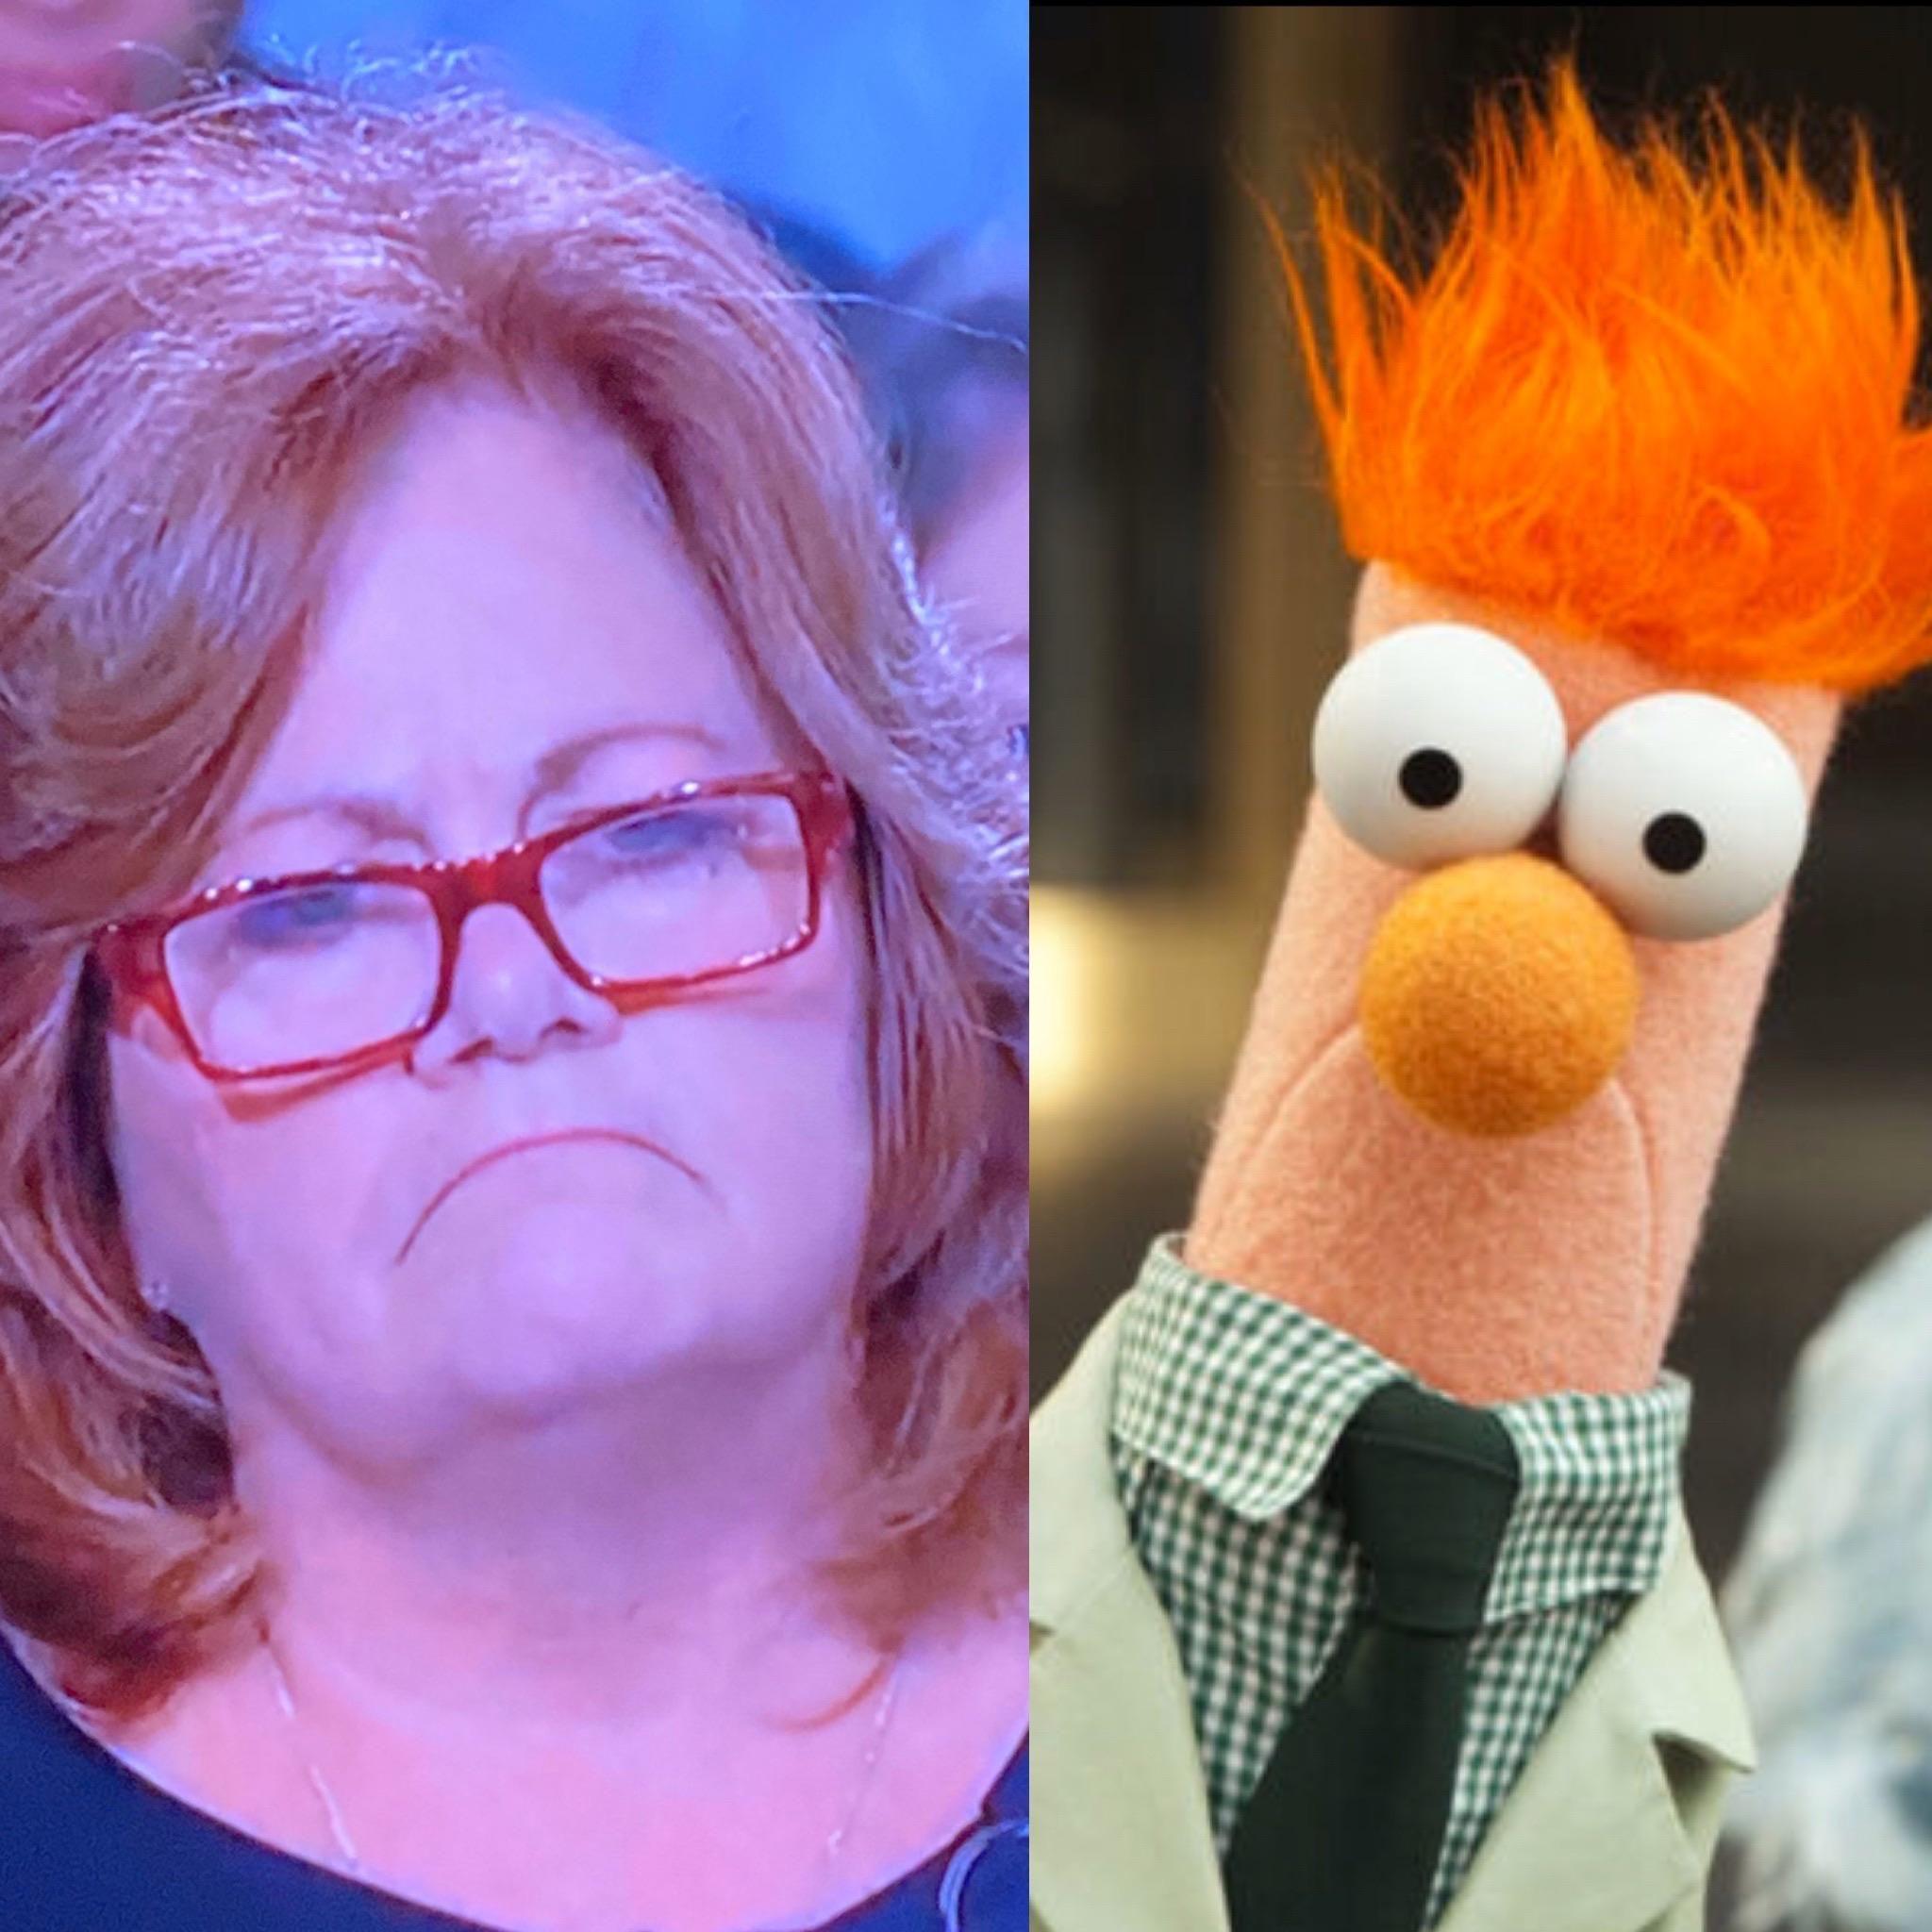 Found Beaker's doppelgänger on Judge Judy